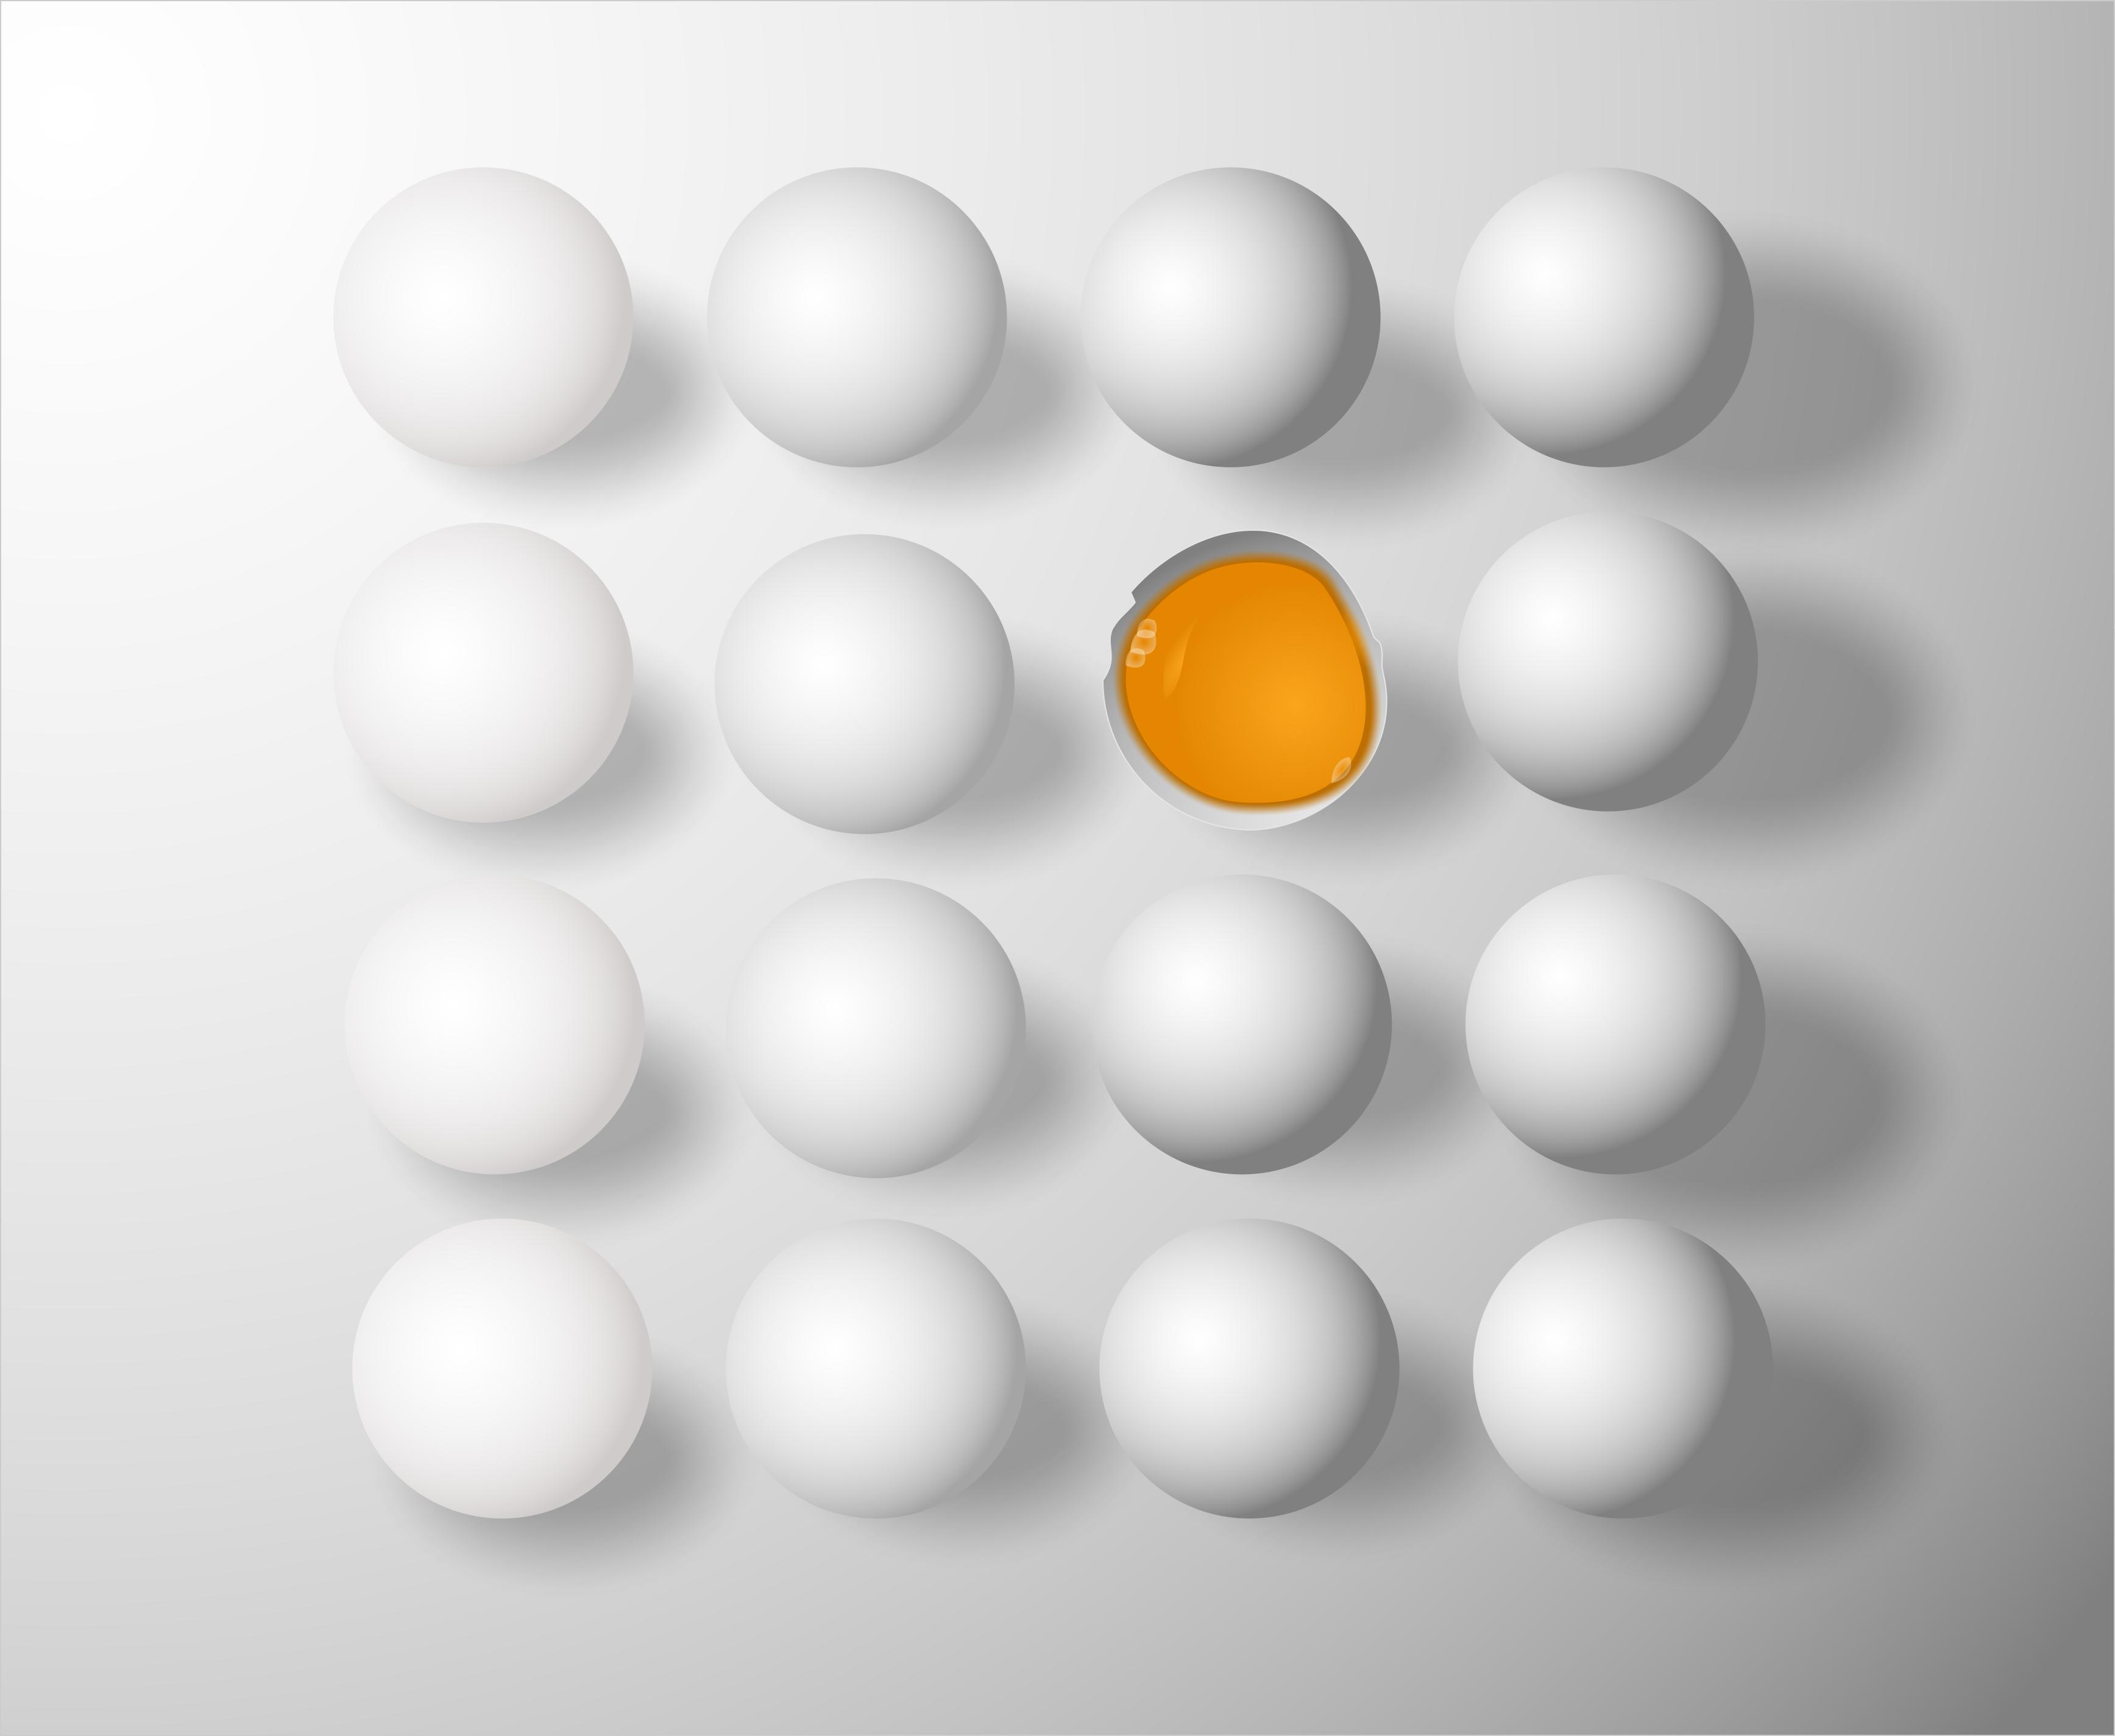 Keine faulen Eier mehr: Das verspricht das neue Projekt am inIt in Lemgo (Foto: jarmoluk/Pixabay)